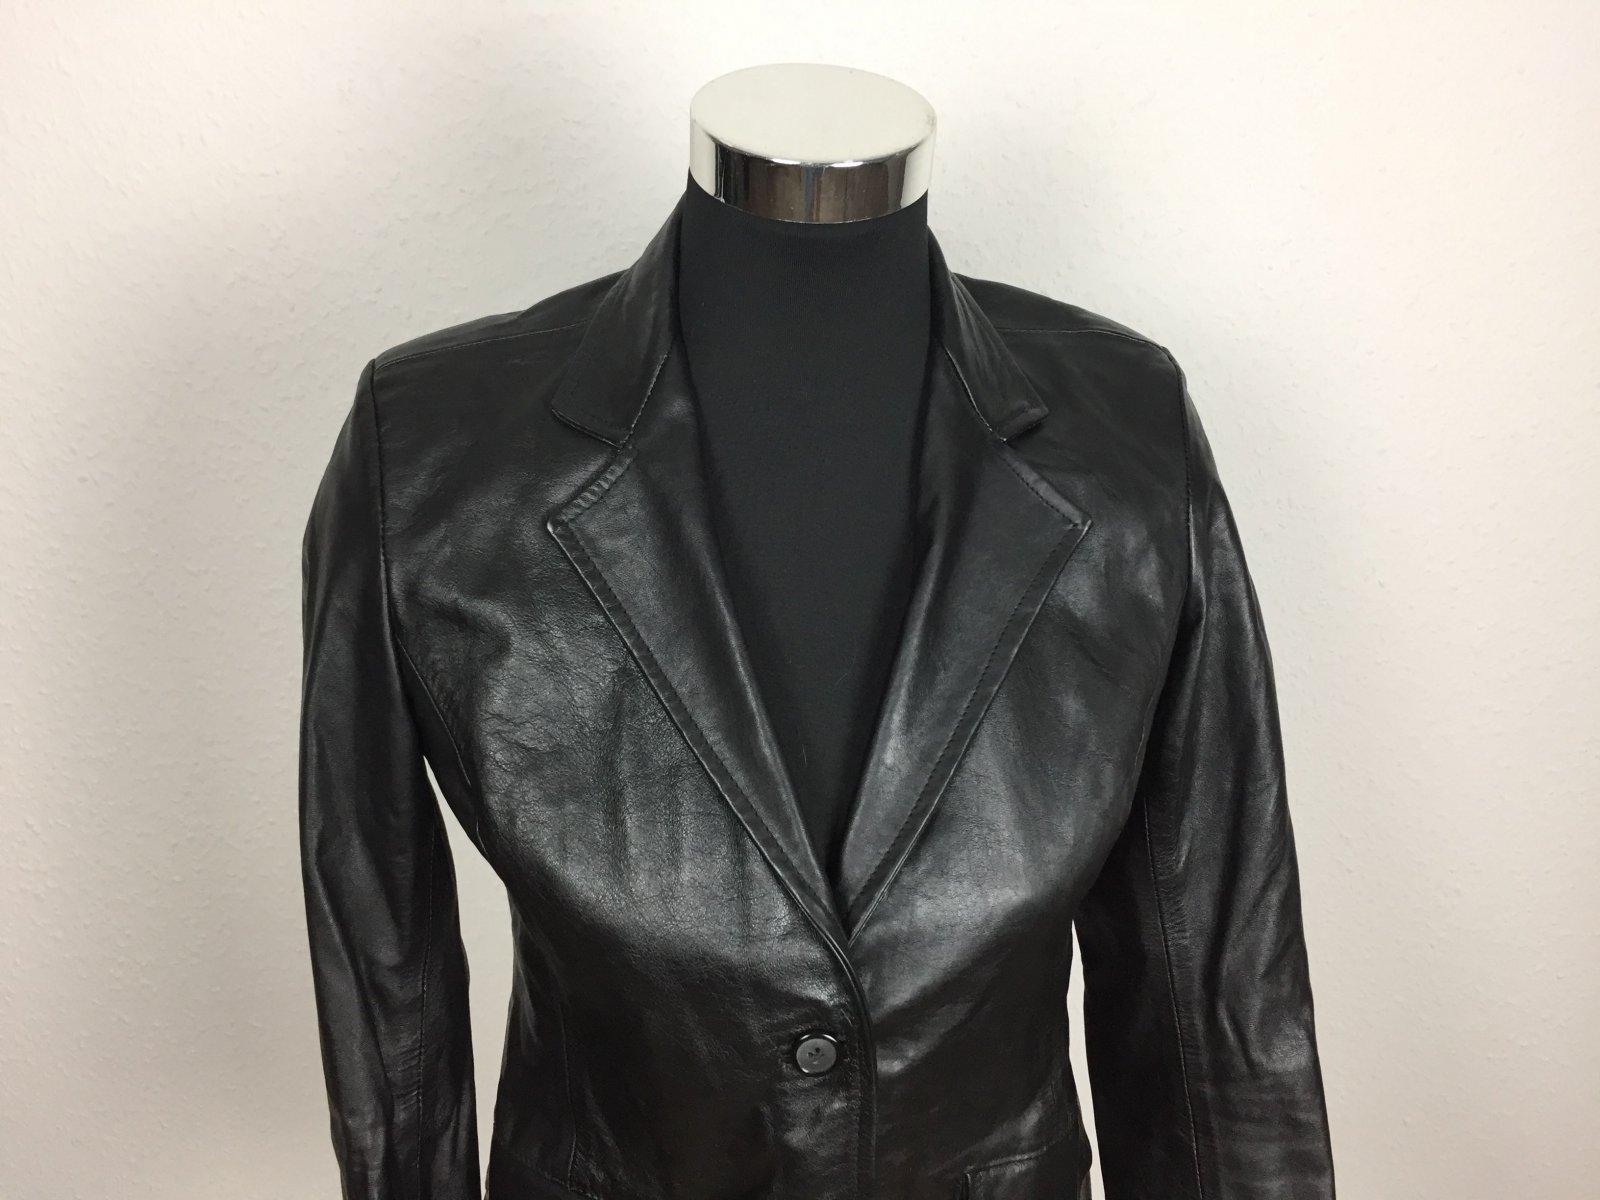 luxus damen lederjacke jacke blazer weich 100 leder. Black Bedroom Furniture Sets. Home Design Ideas